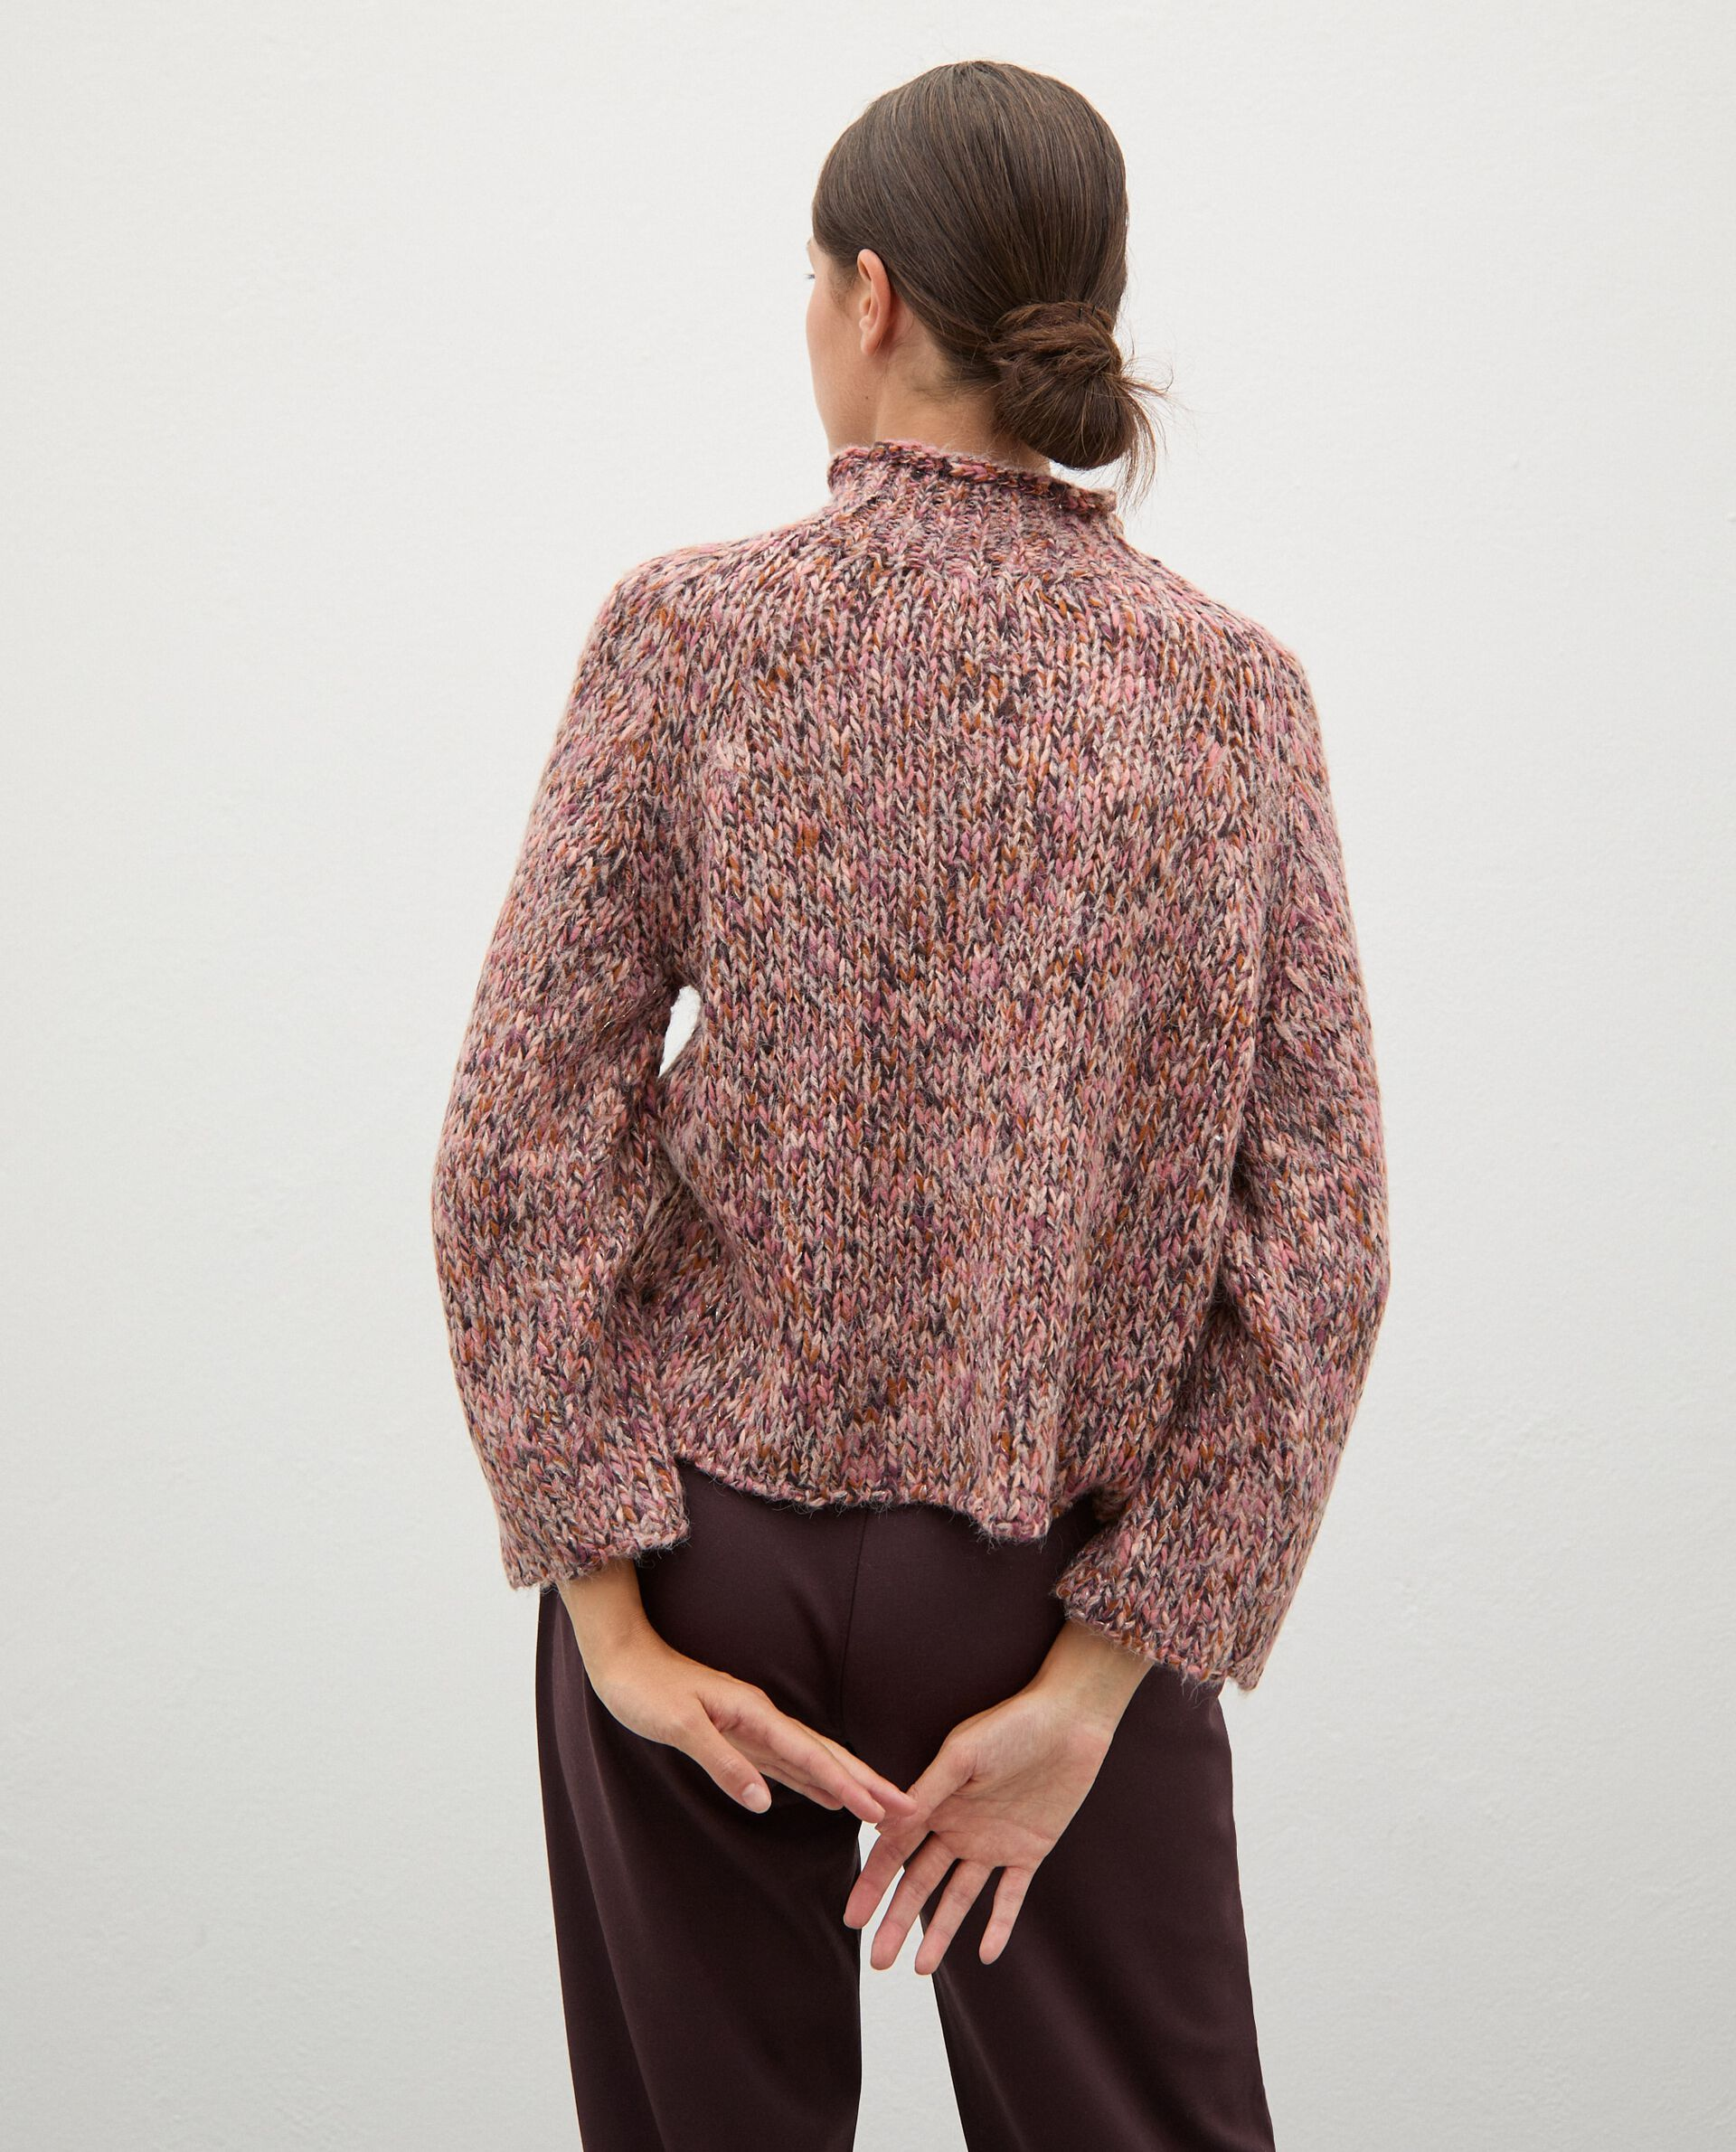 Maglione tricot knitwear con collo alto donna